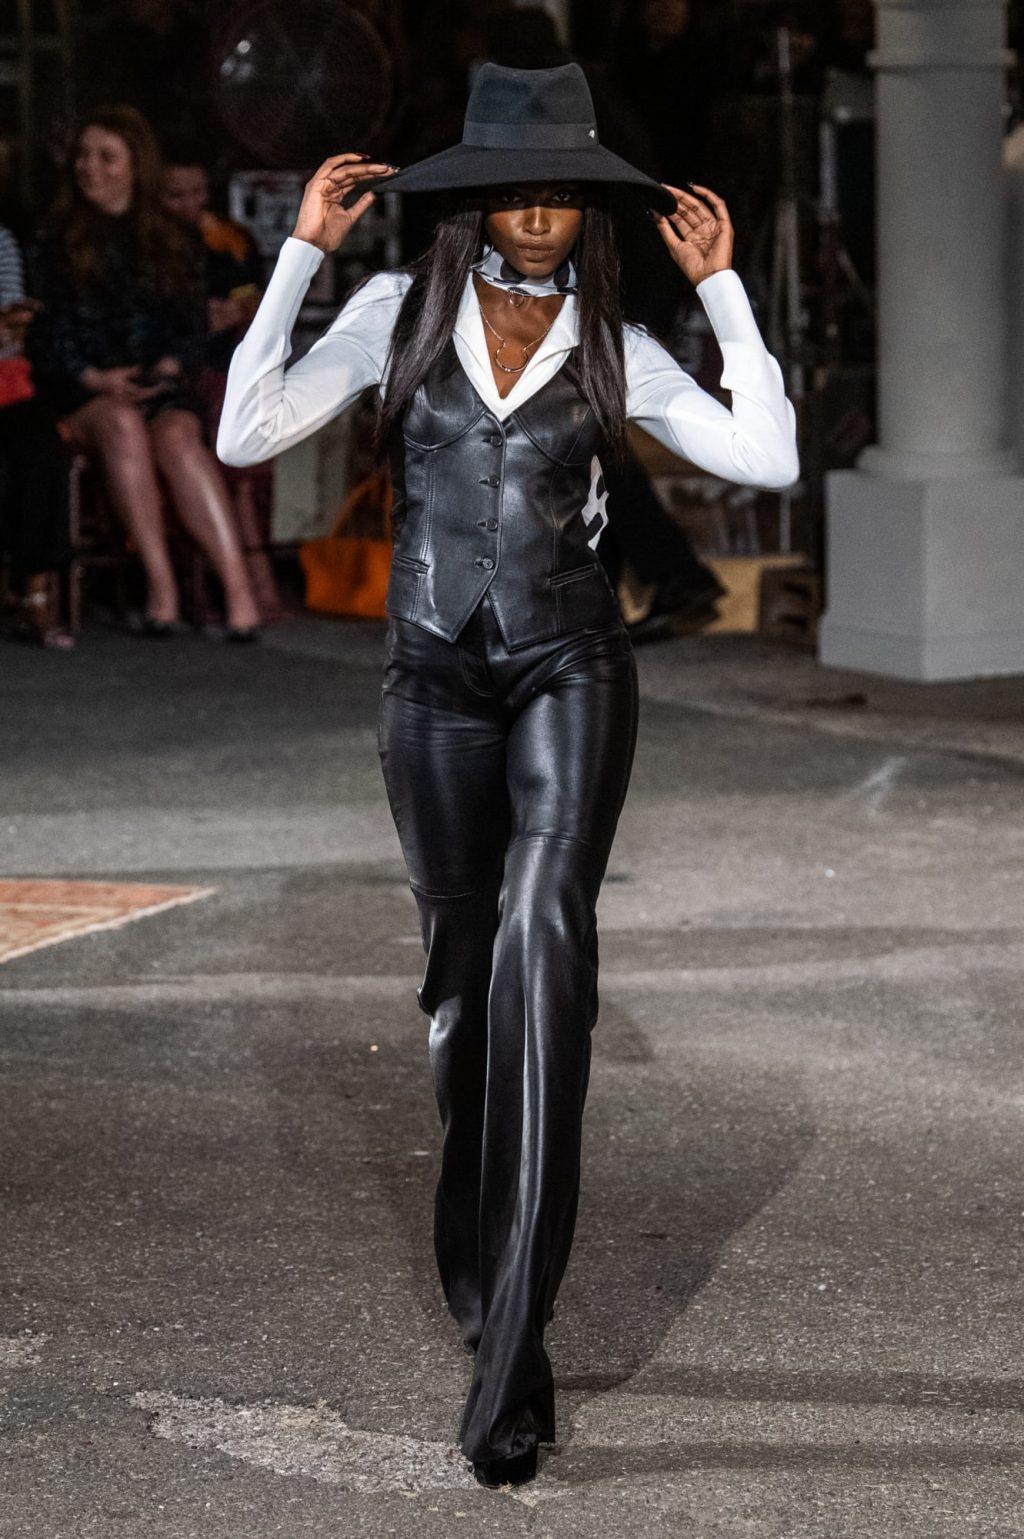 thiết kế suit chất liệu da và mũ rộng vành